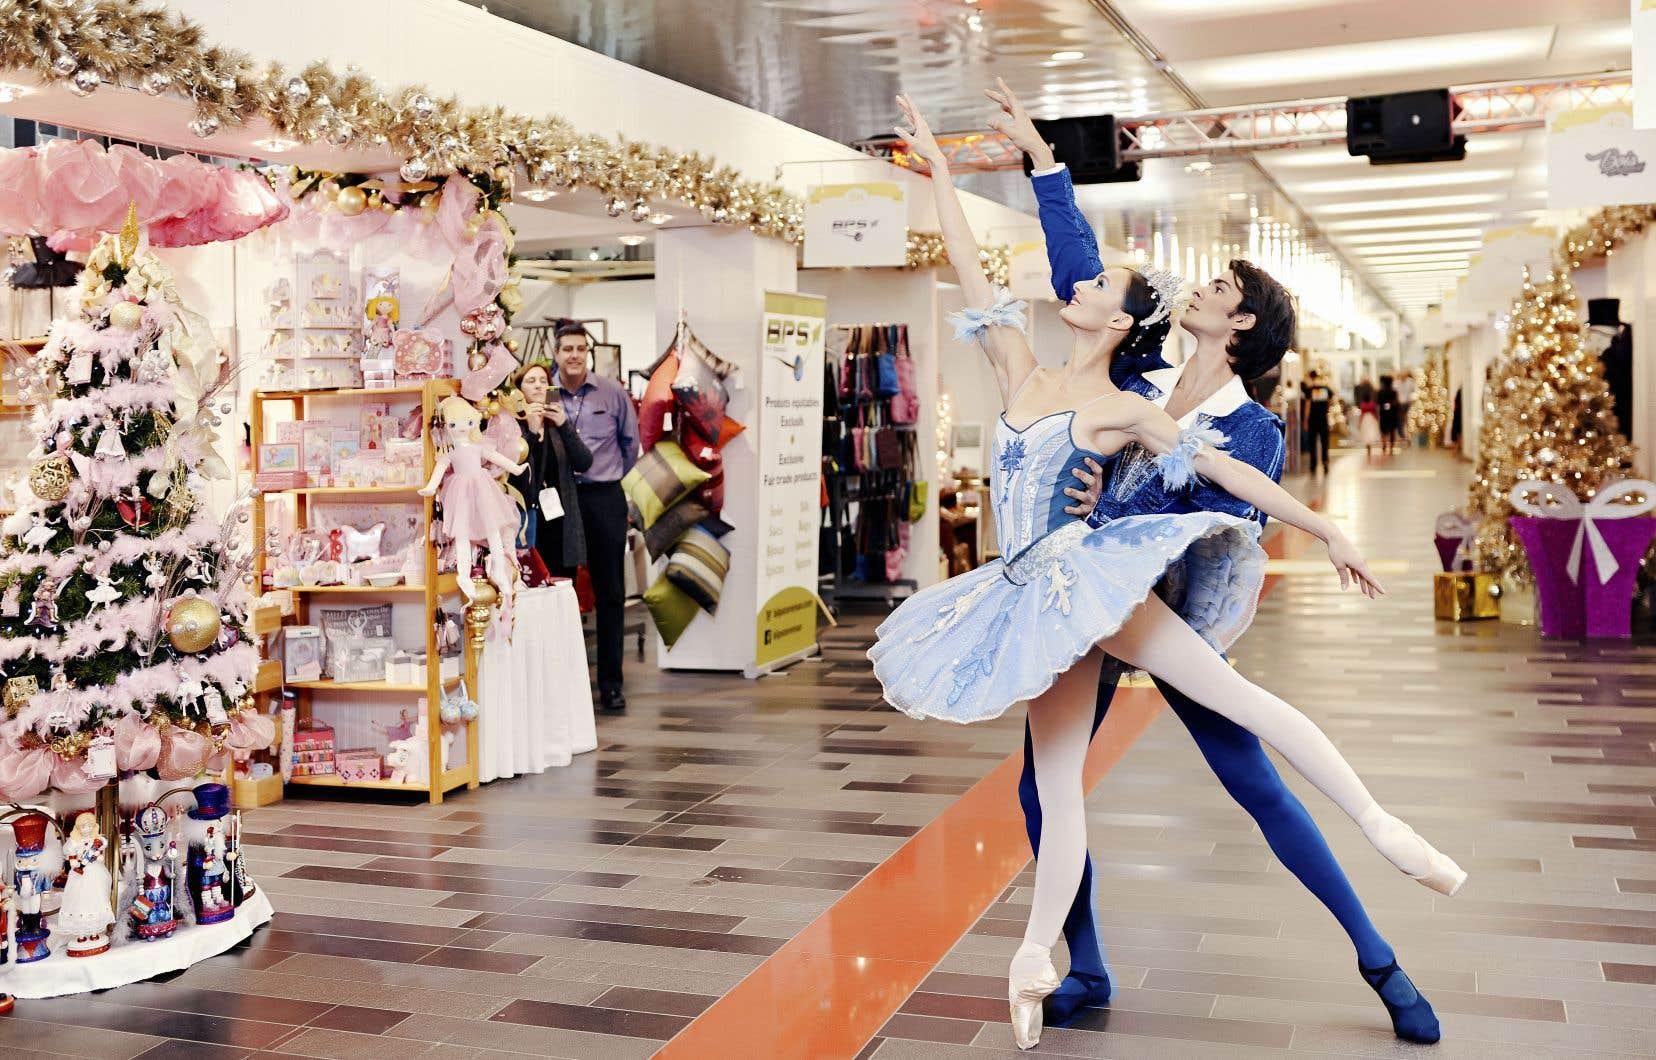 C'est en pensant «hors de la boîte» que les Grands Ballets ont mis en place, en 2010, le Marché Casse-Noisette, en lien avec leur traditionnel spectacle du temps des Fêtes (sur la photo, les danseurs Myriam Simon et Constantine Allen).